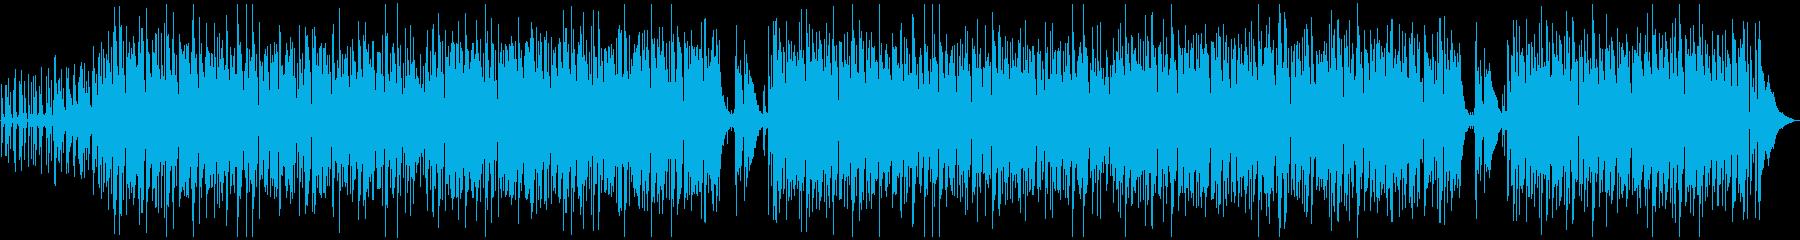 爽やか・おしゃれボサノバBGMの再生済みの波形